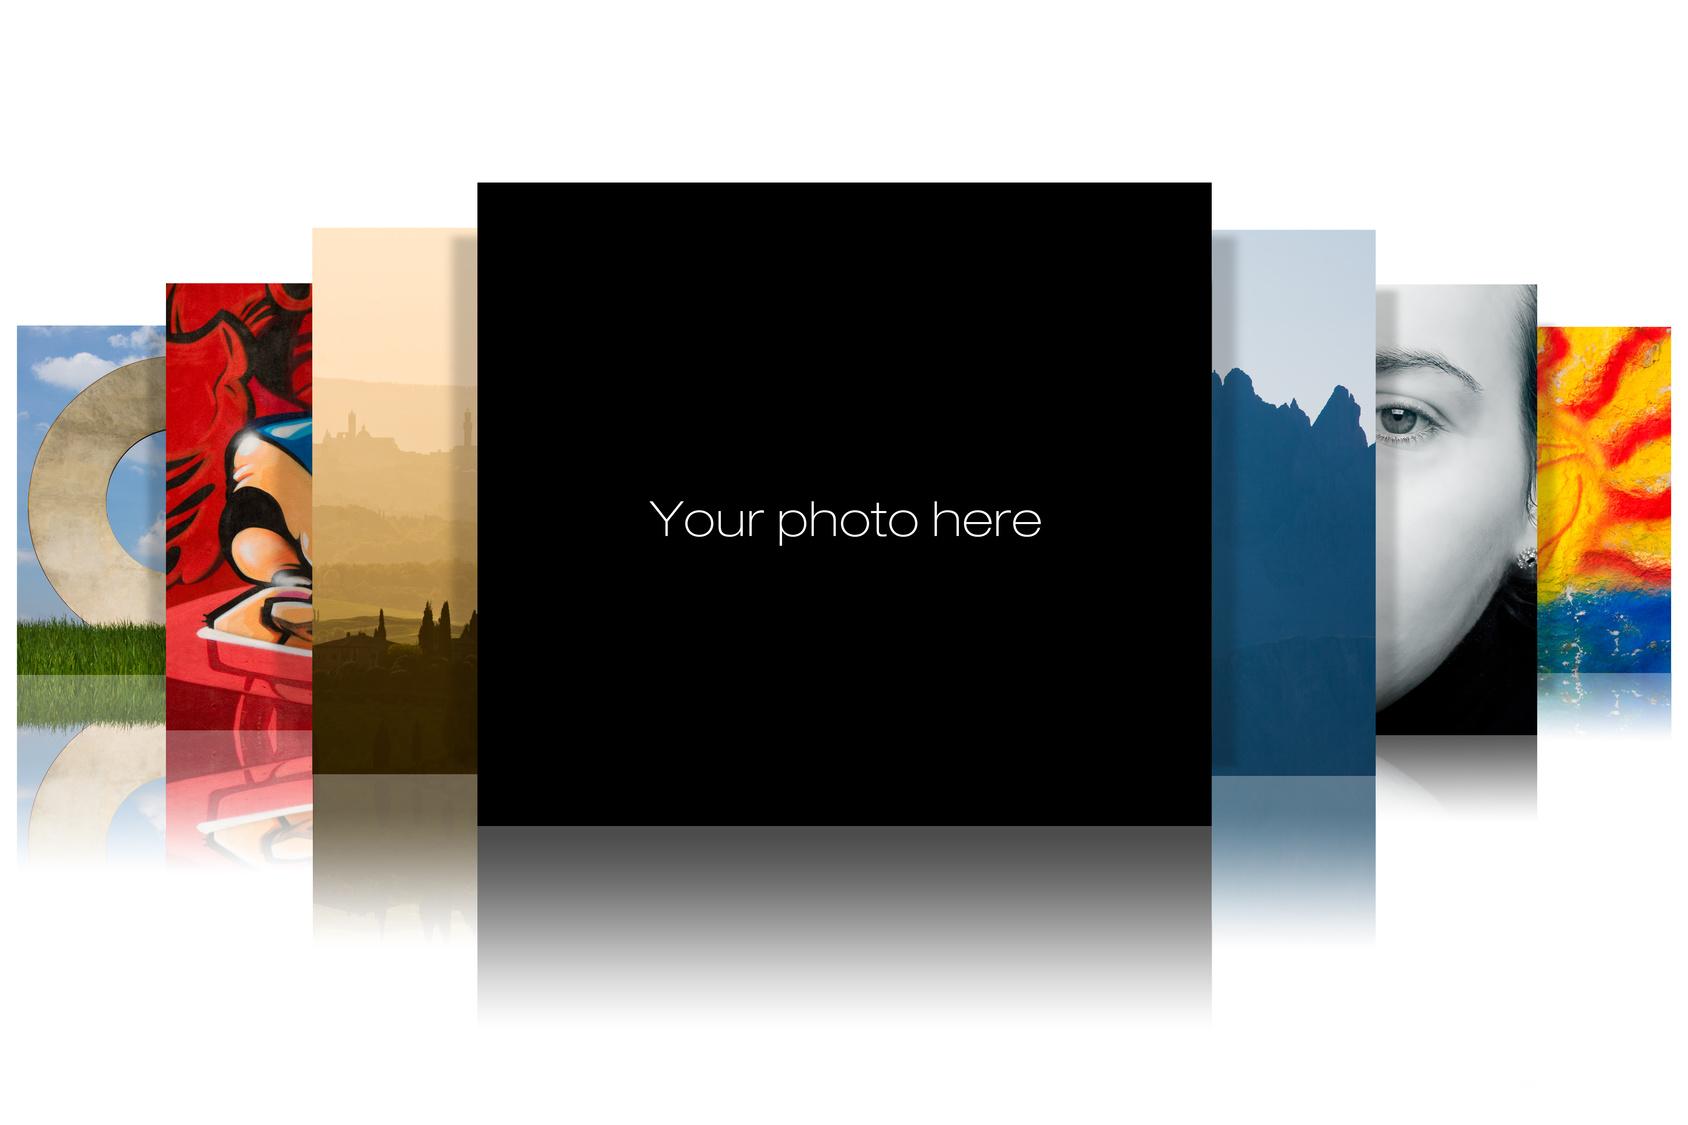 Des supports originaux pour vos photos